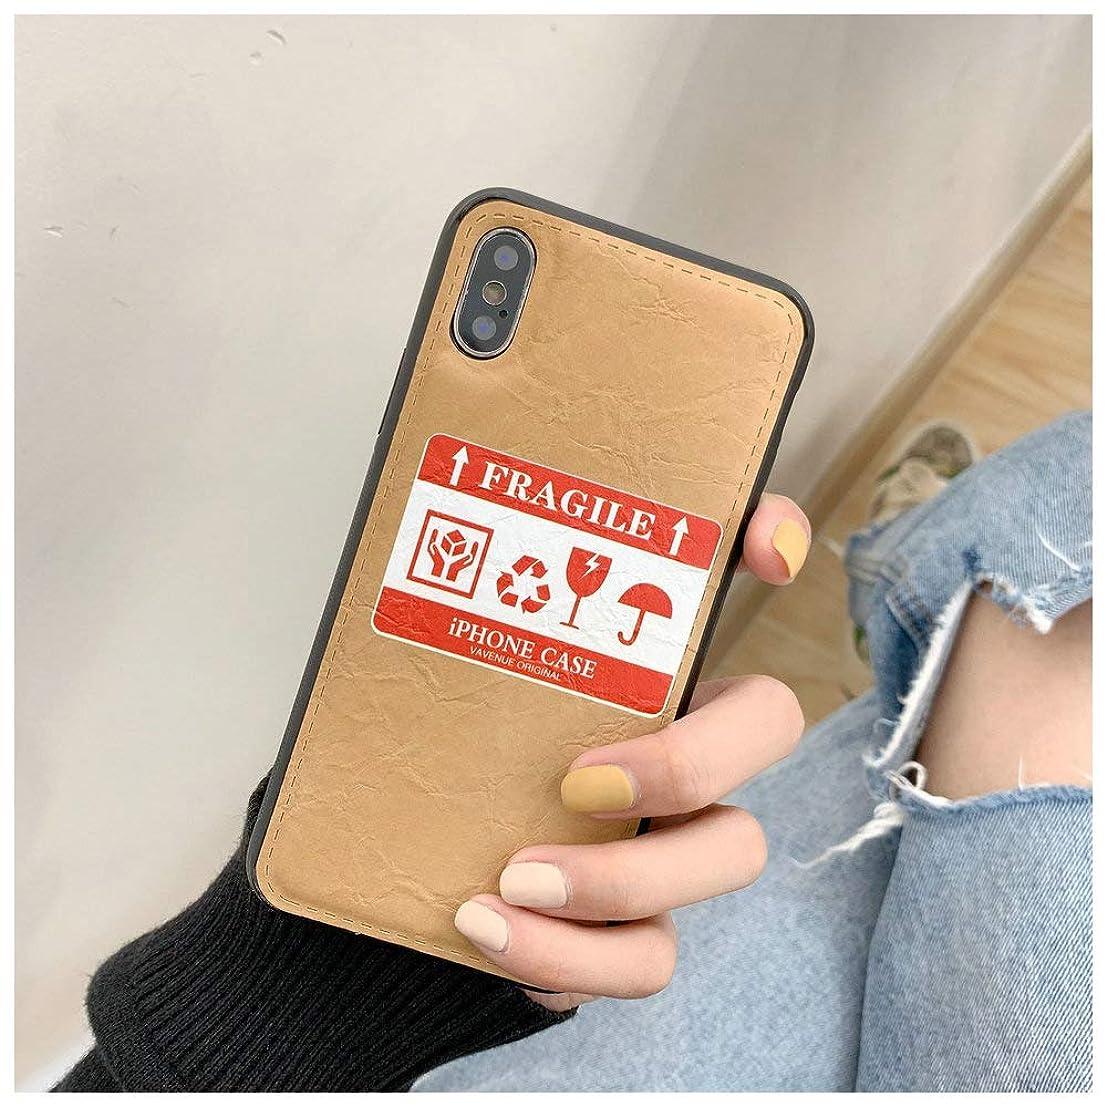 キウイ数学的なありふれたiPhone ケース レディース メンズ 携帯ケース クラフト紙 iPhone7/8/7Plus/8Plus,iPhone X/XR,iPhoneXS/XS MAX (iPhone XS MAX ケース)